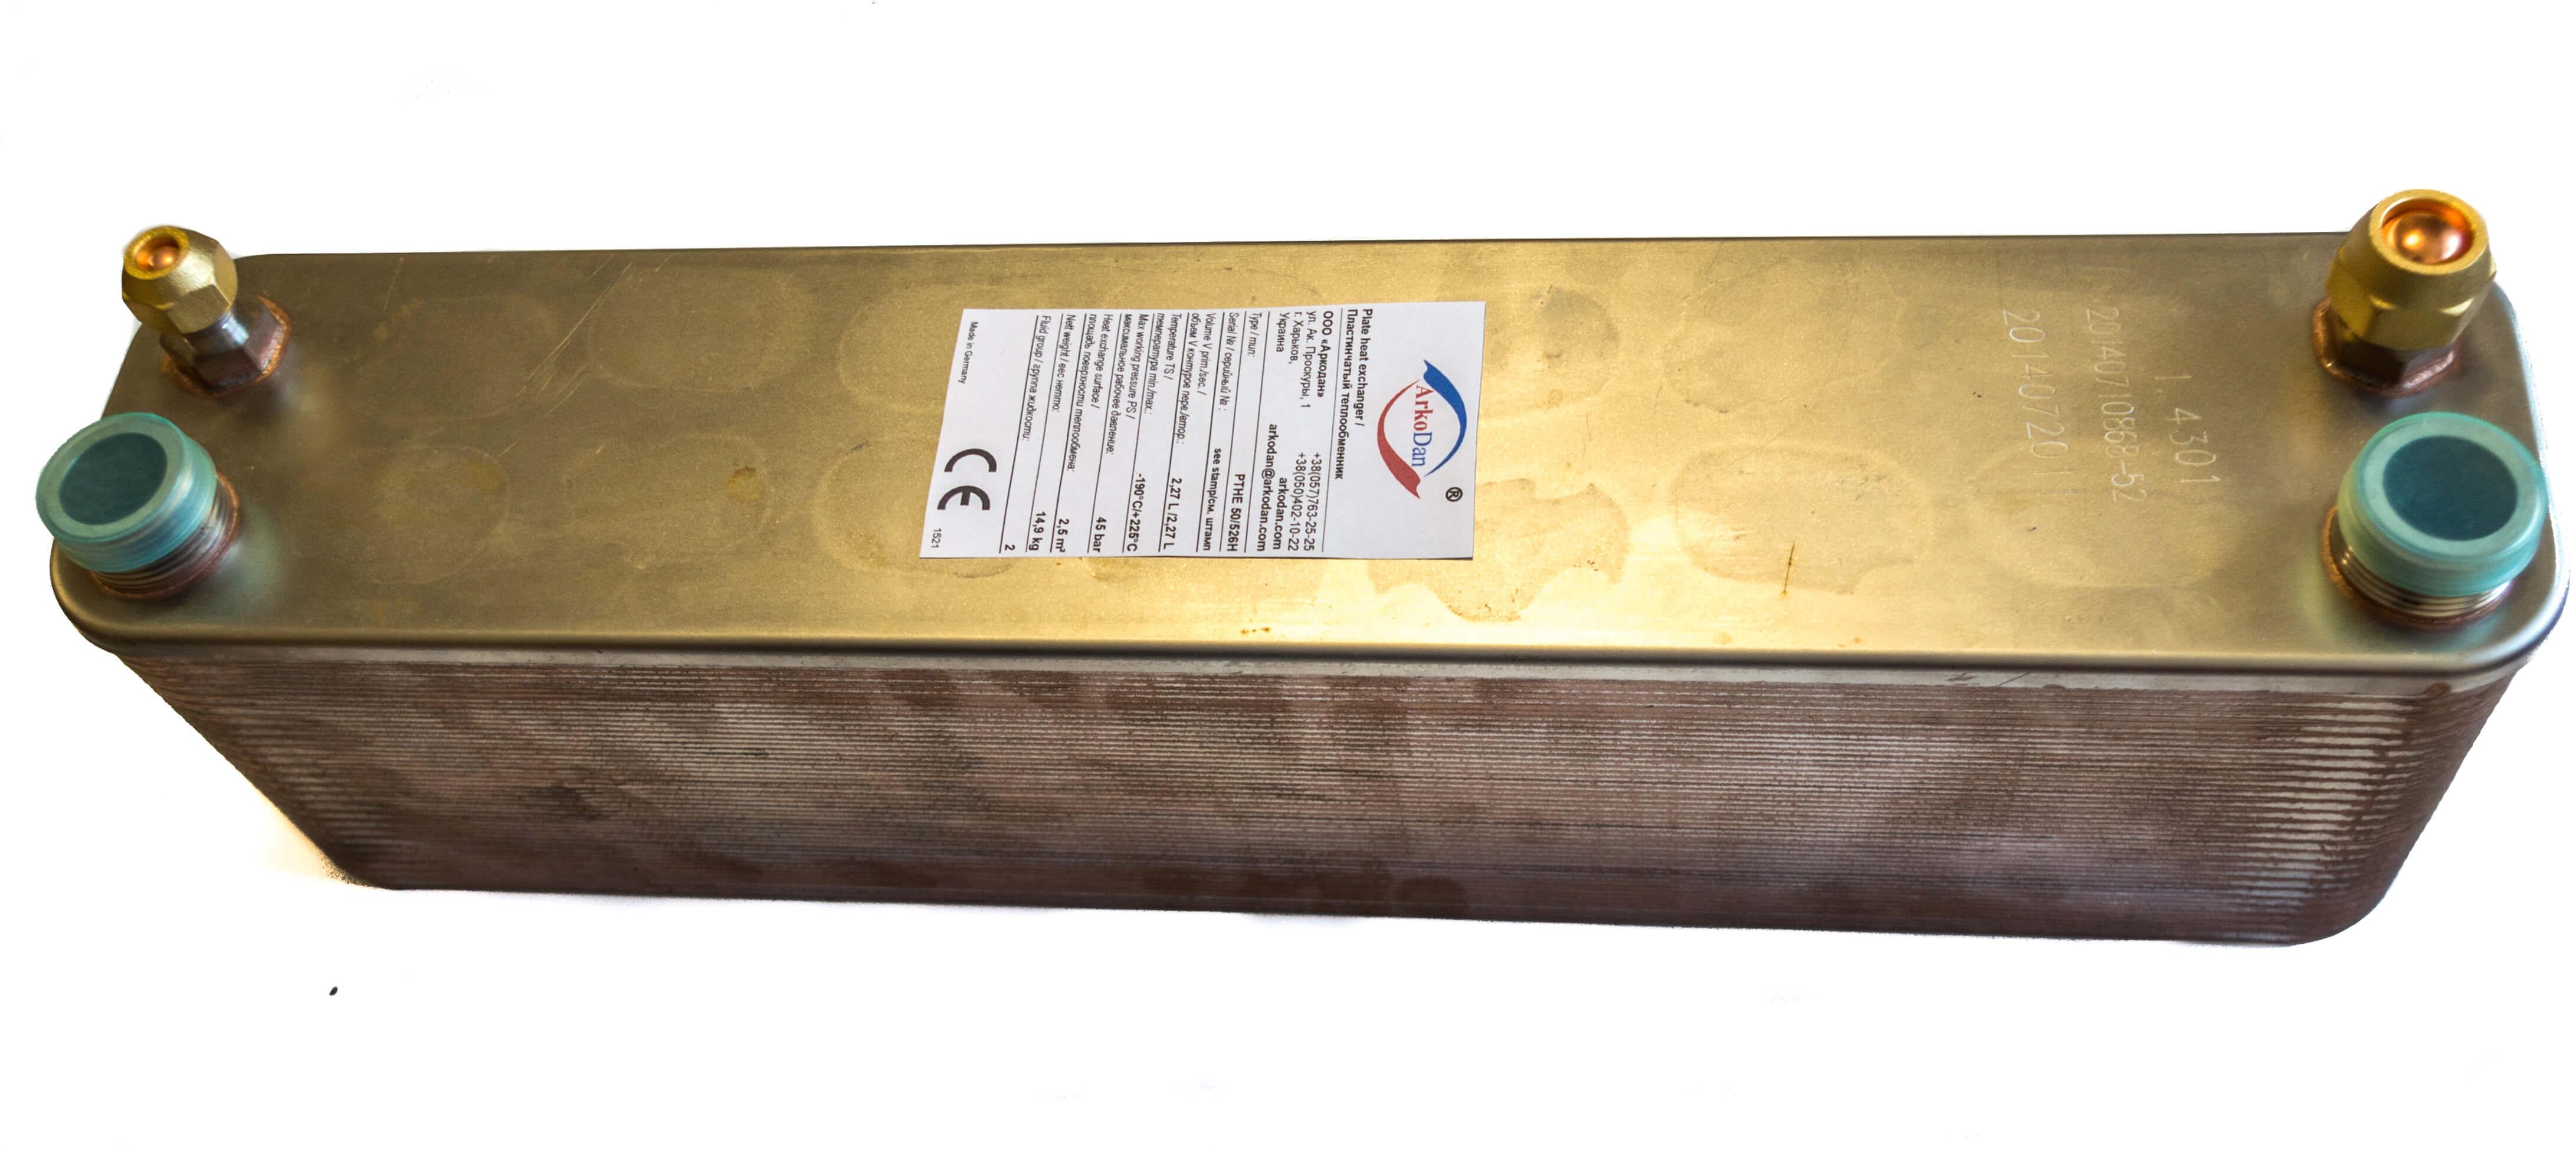 Тепловой насос с теплообменником Кожухотрубный конденсатор ONDA L 14.304.1524 Орёл